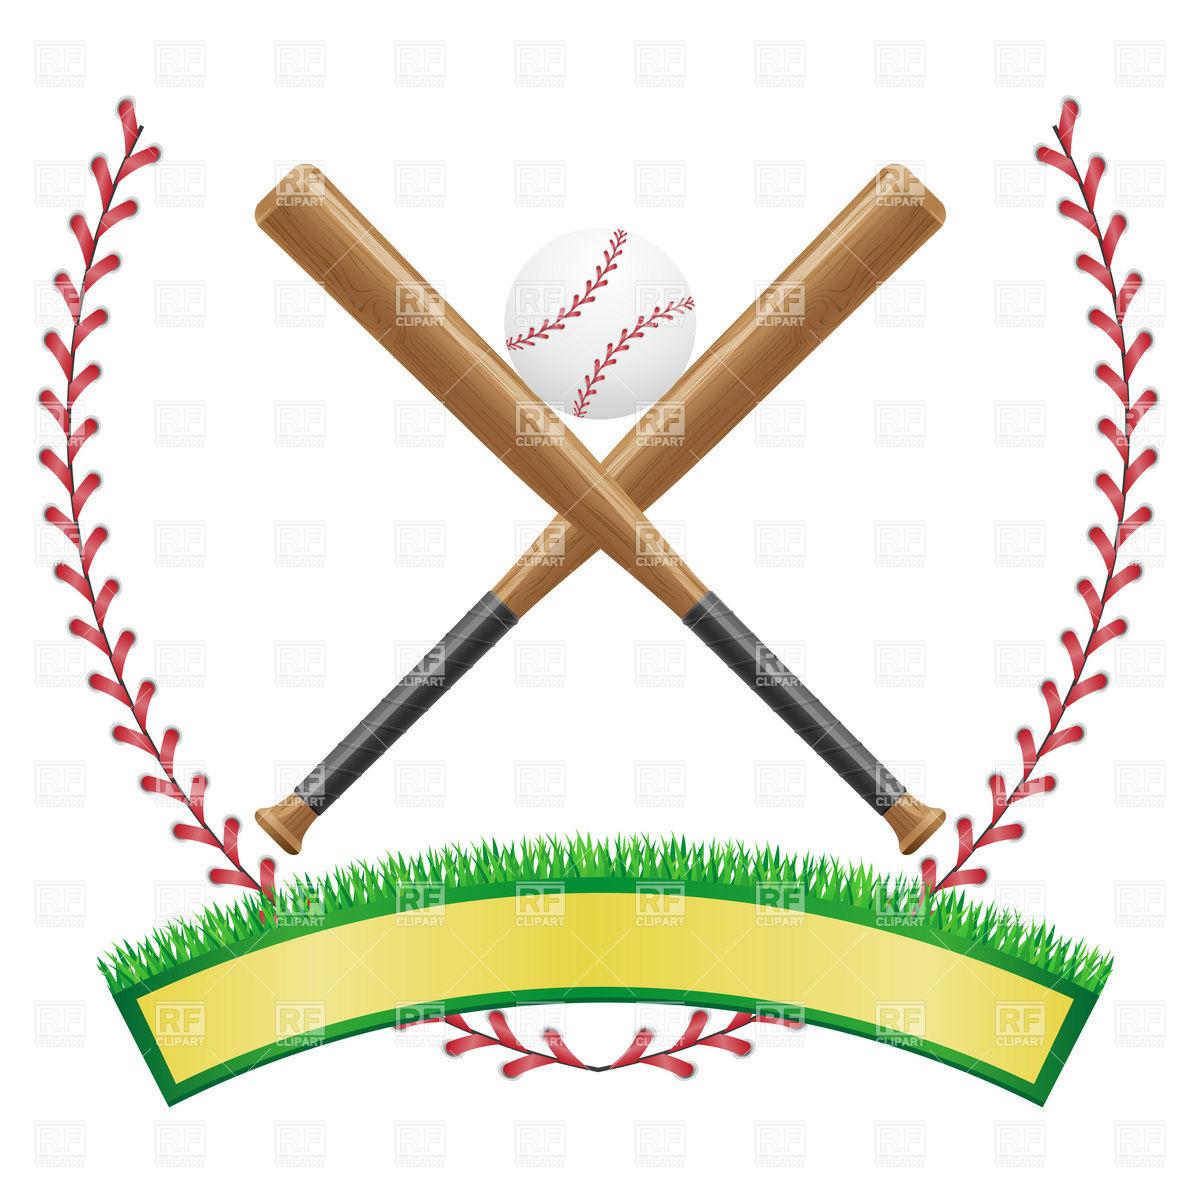 Free Clipart Baseball Bat And Ball.